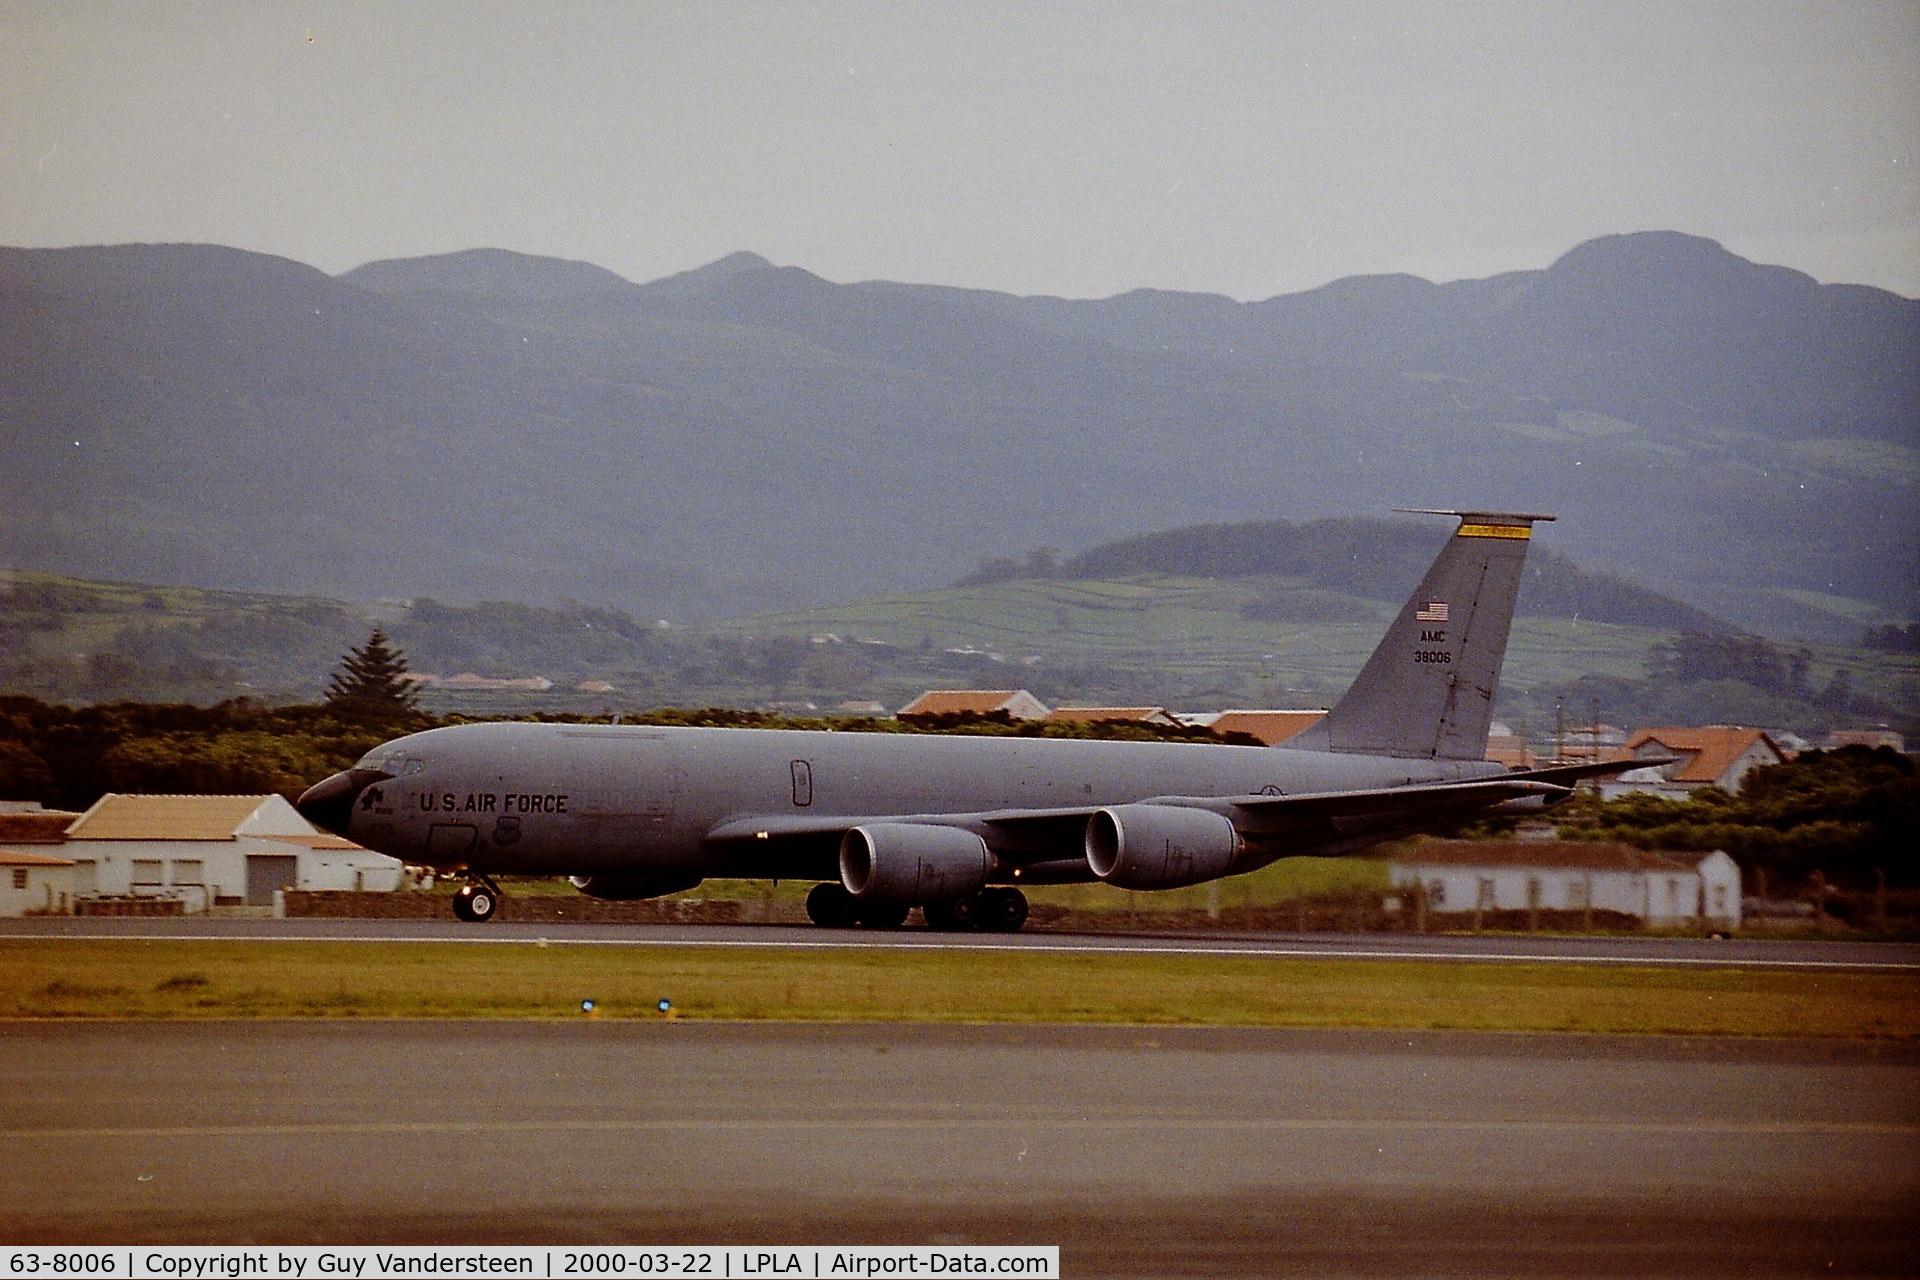 63-8006, 1963 Boeing KC-135R Stratotanker C/N 18623, KC-135R at Lajes Field in support of EPAF F-16's transatlantic flight to Red Flag 2000-3